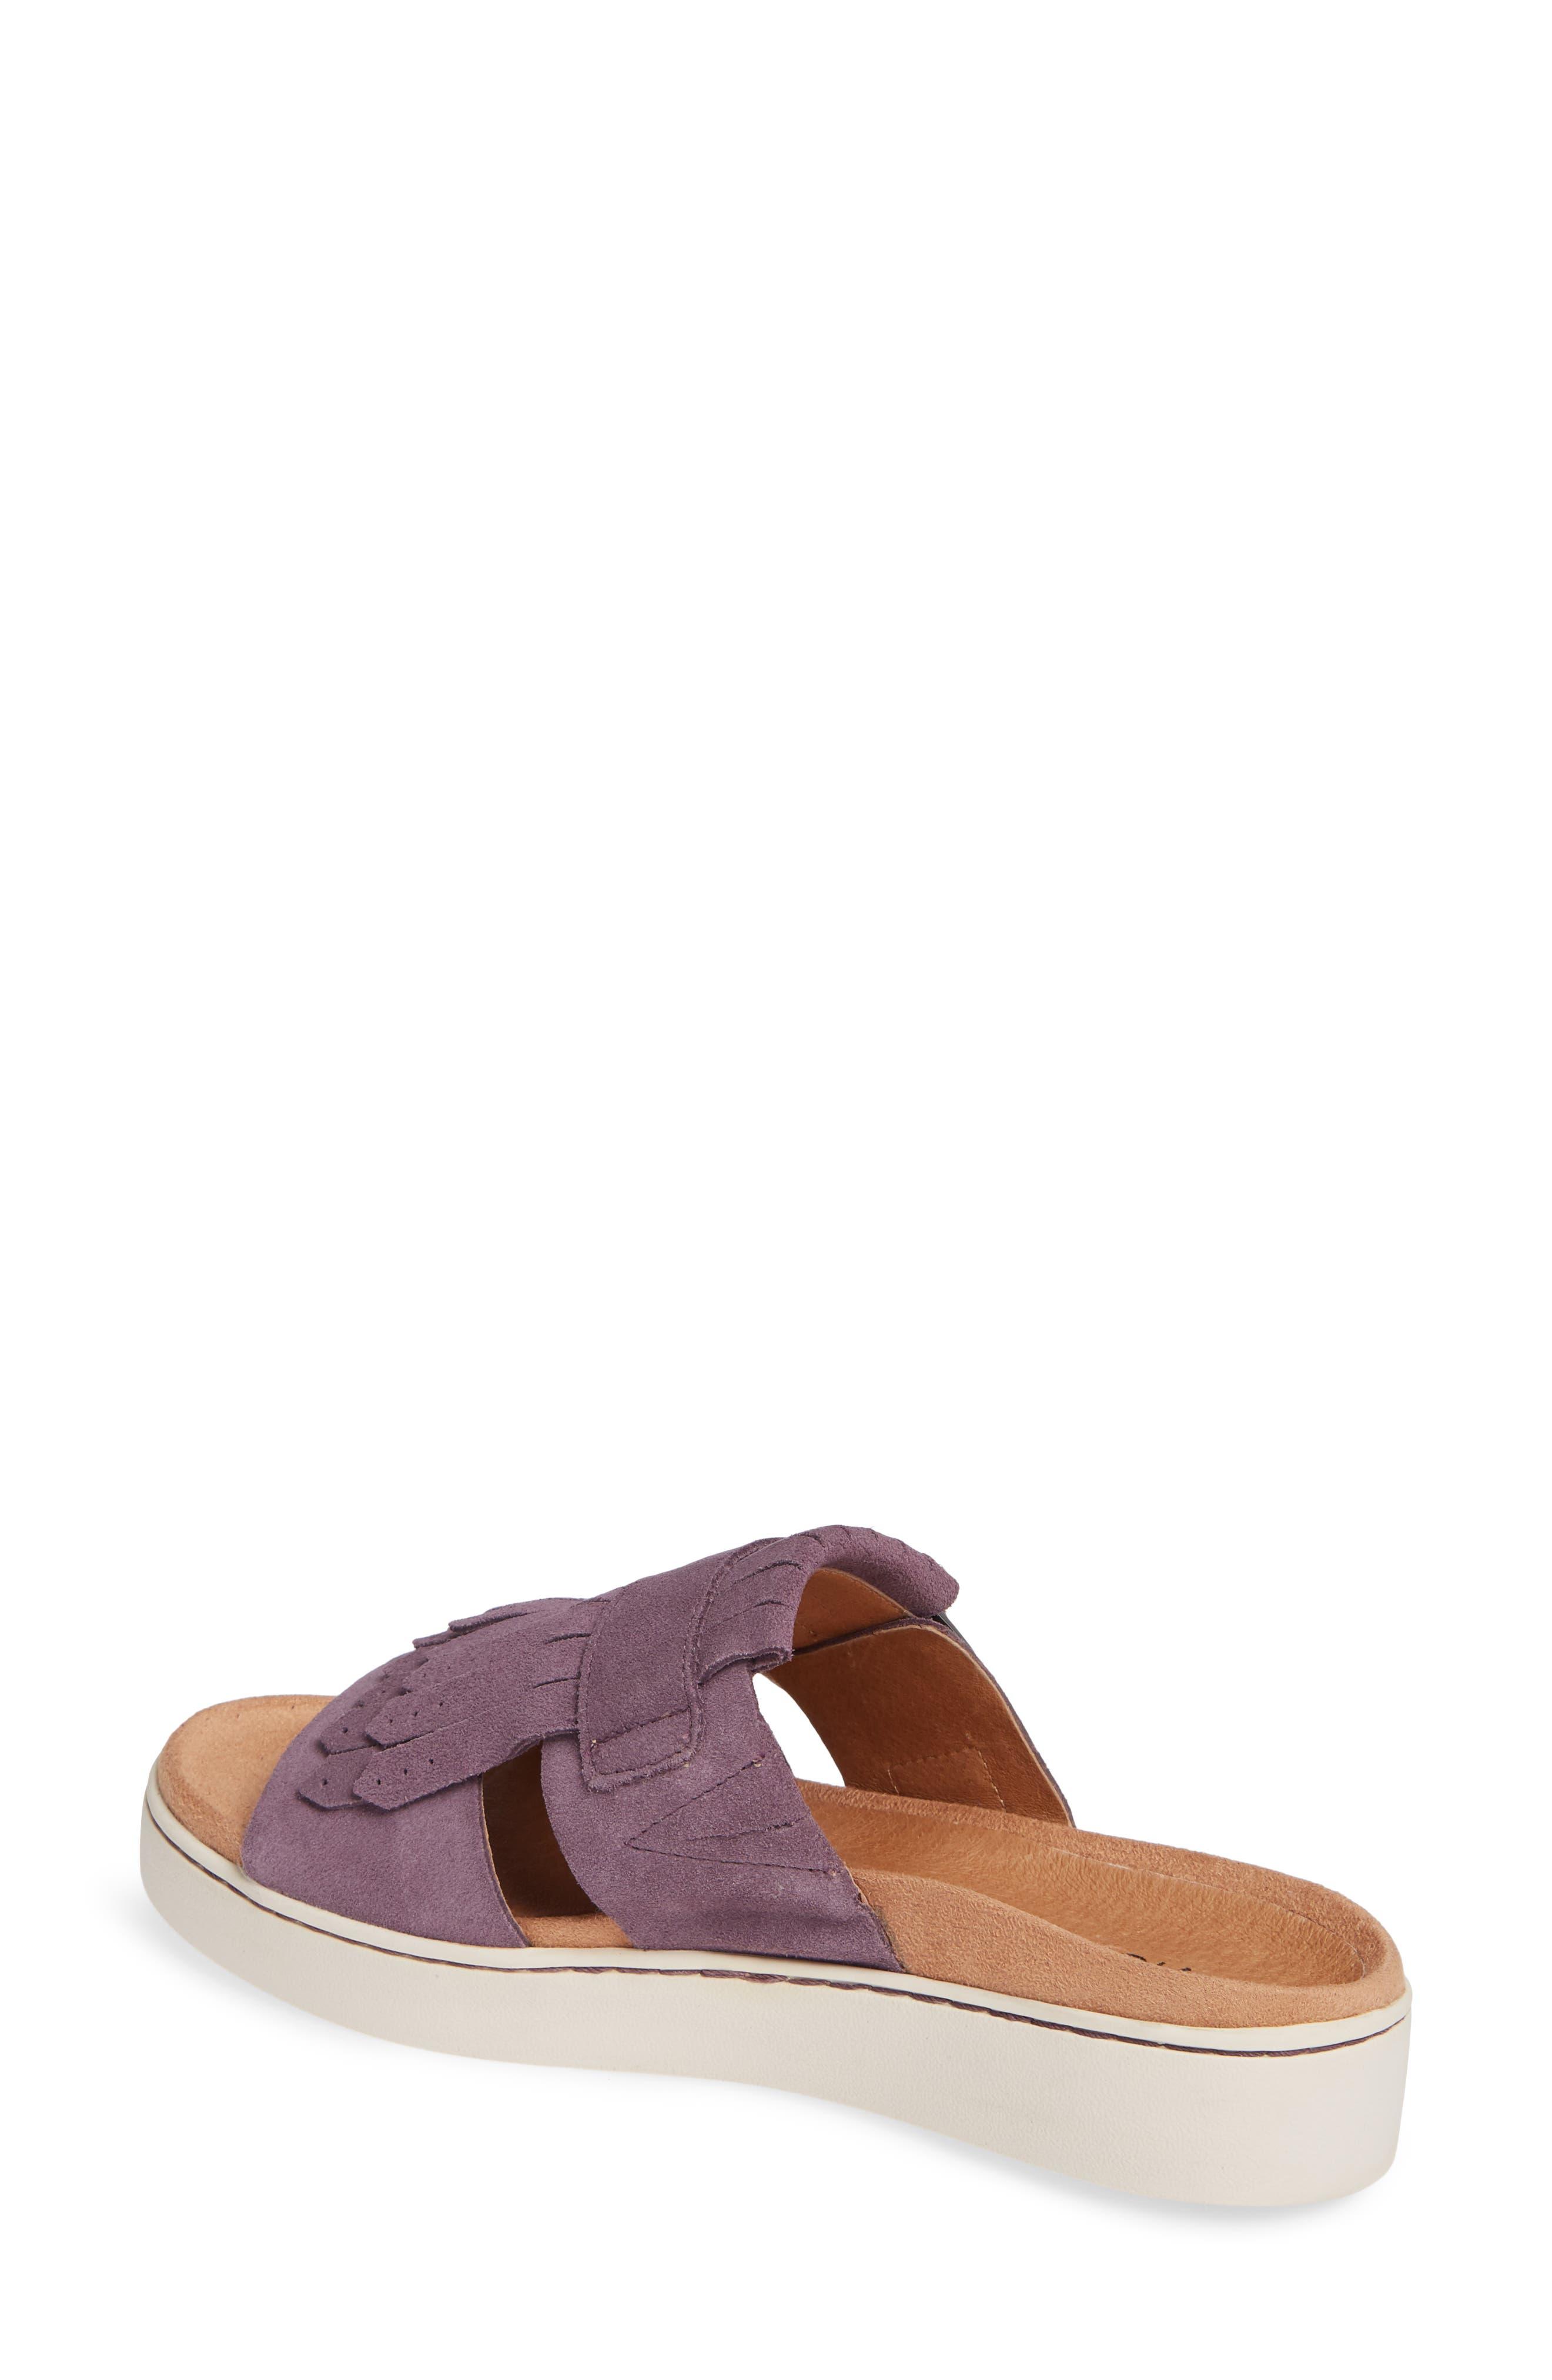 Fillmore Slide Sandal,                             Alternate thumbnail 5, color,